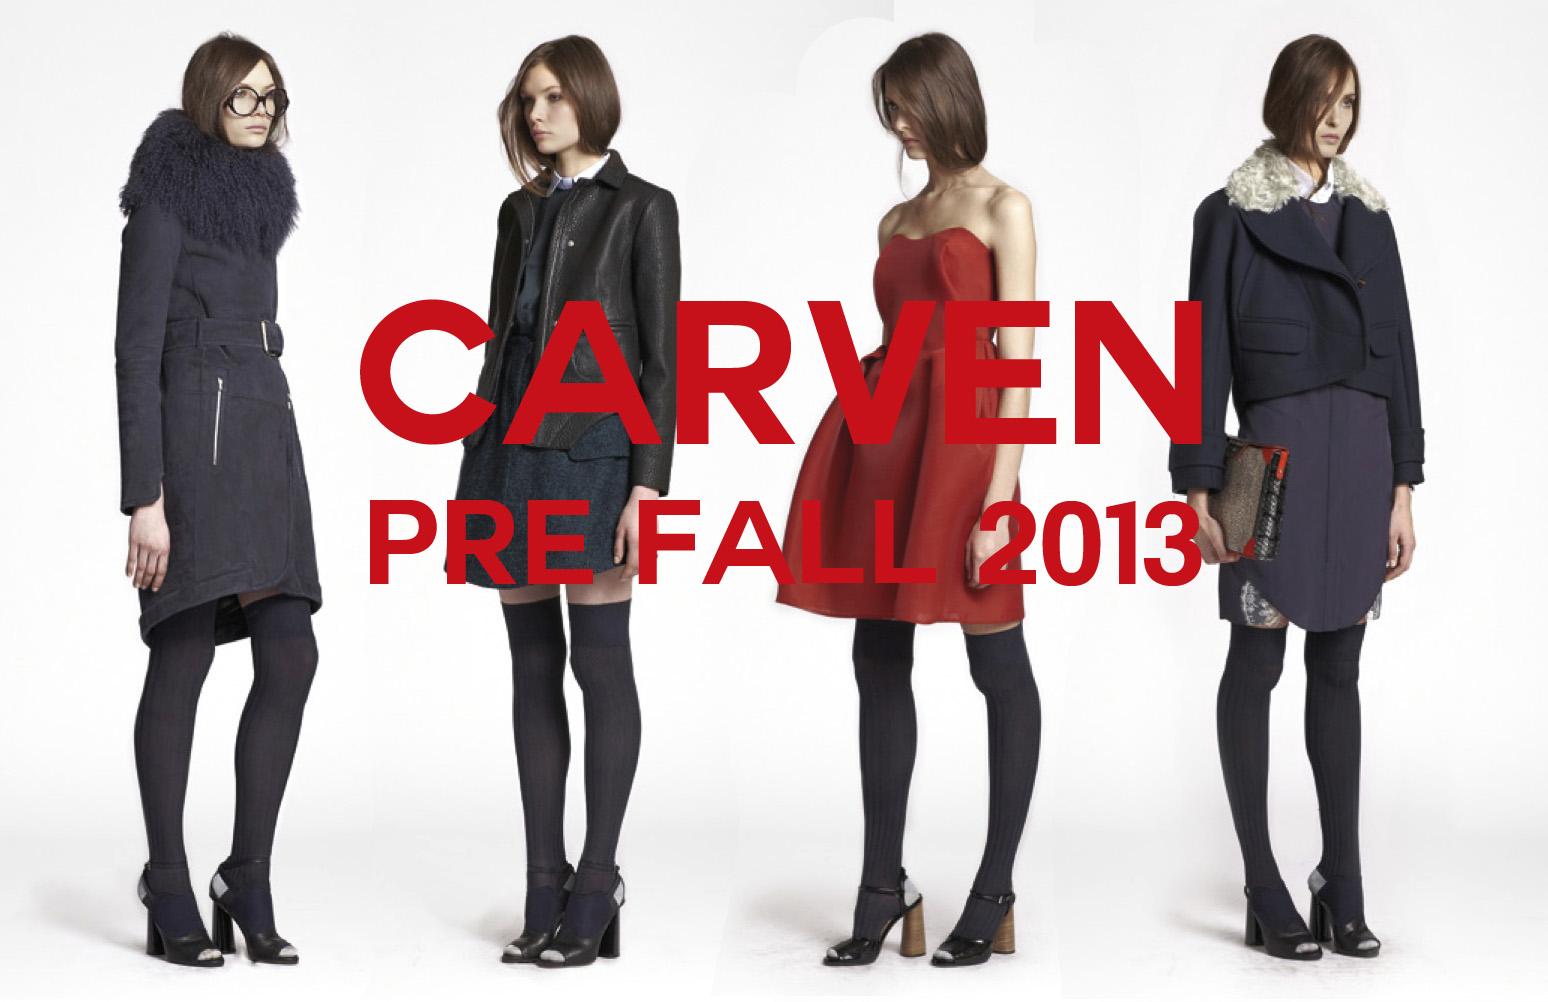 CARVEN PRE FALL 2013